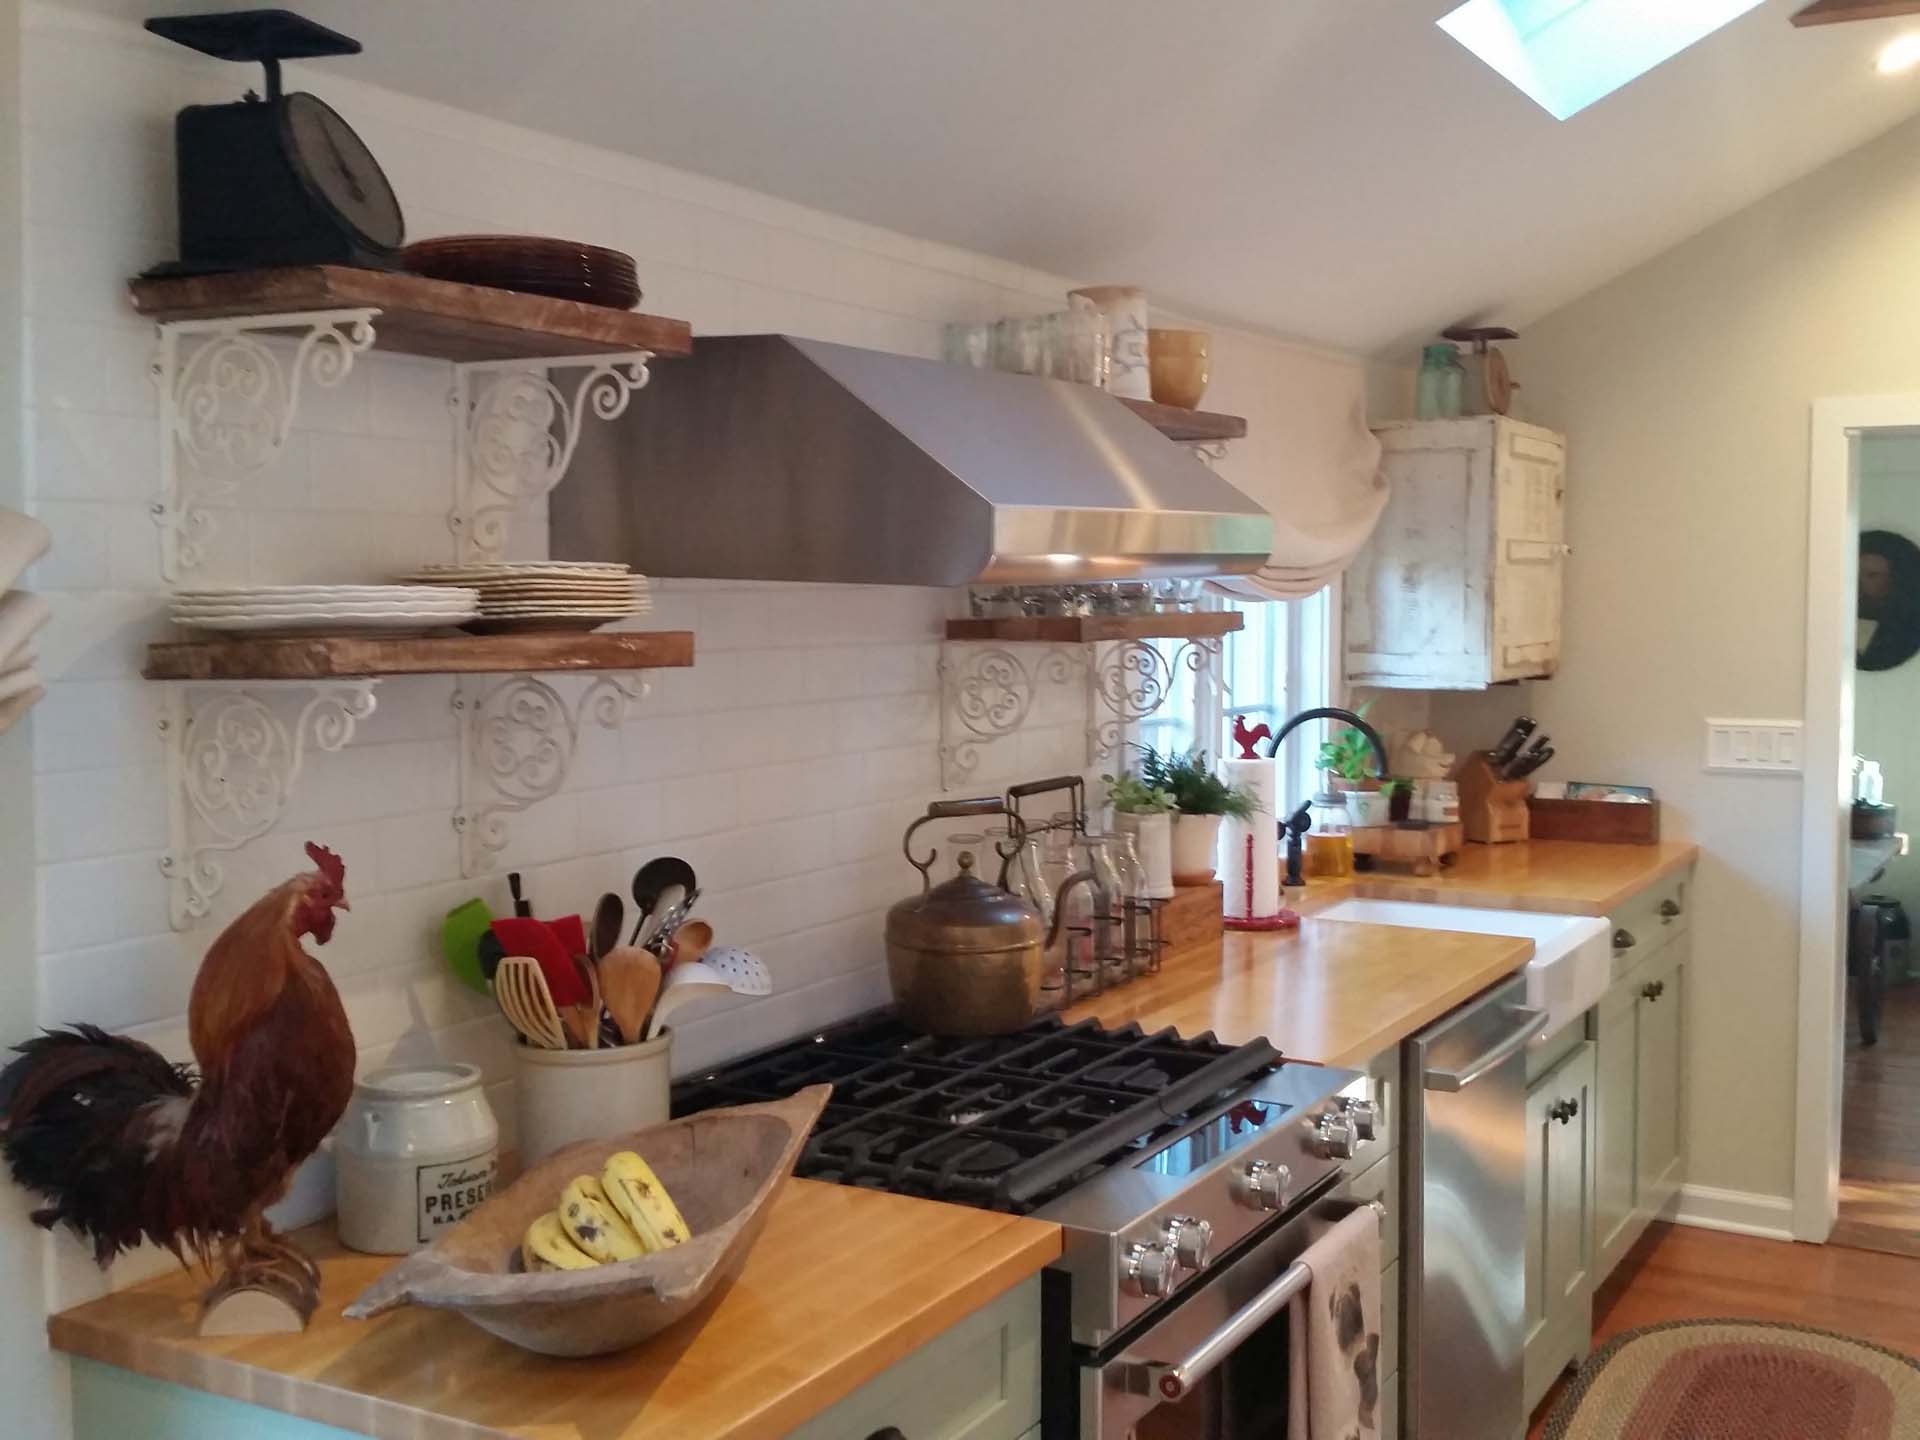 Kitchens 17